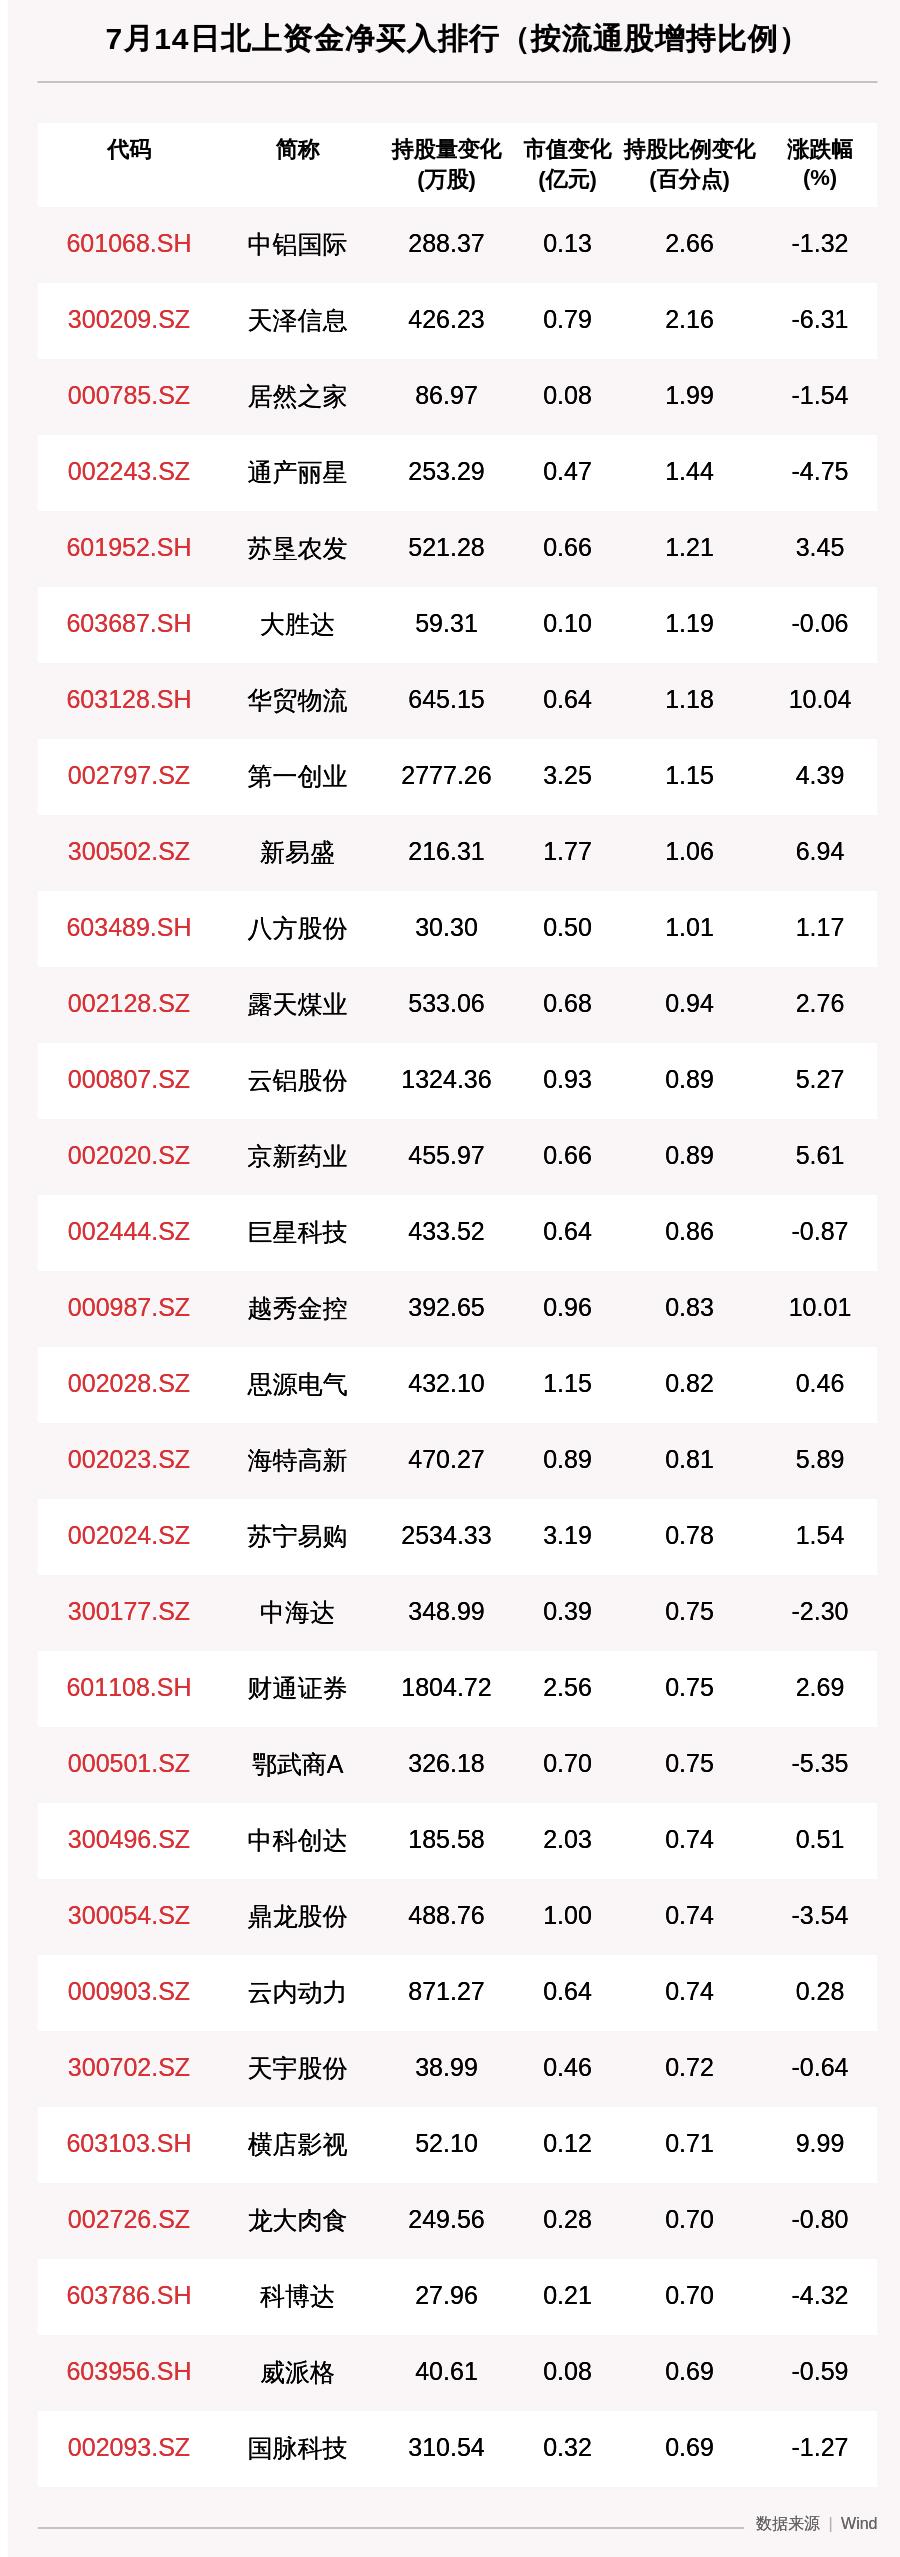 北向资金动向曝光:7月14日这30只个股被猛烈扫货(附名单)